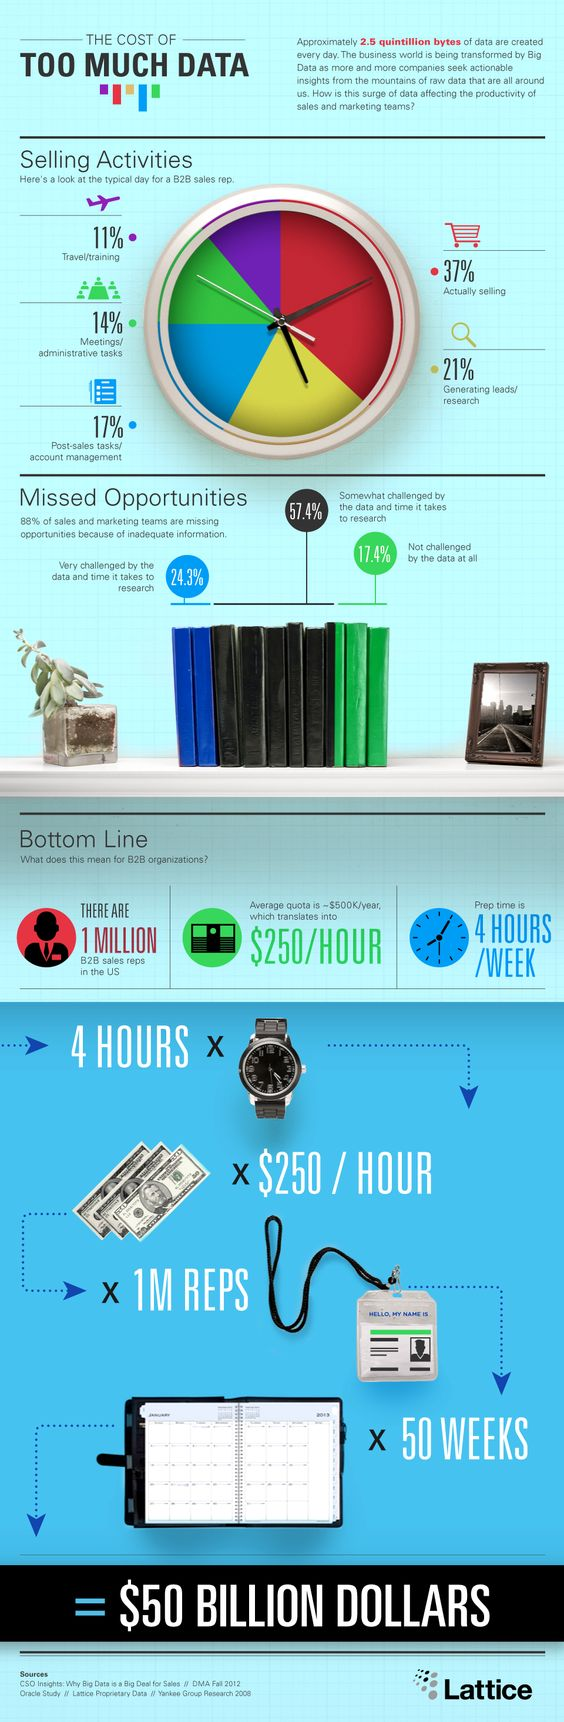 Zuviel Daten kosten zuviel Geld, warum sehen Sie in dieser Infographic. In jedem Fall gilt, dass man die Daten gut verwalten und organisieren muss um Kosten und Zeit zu sparen.